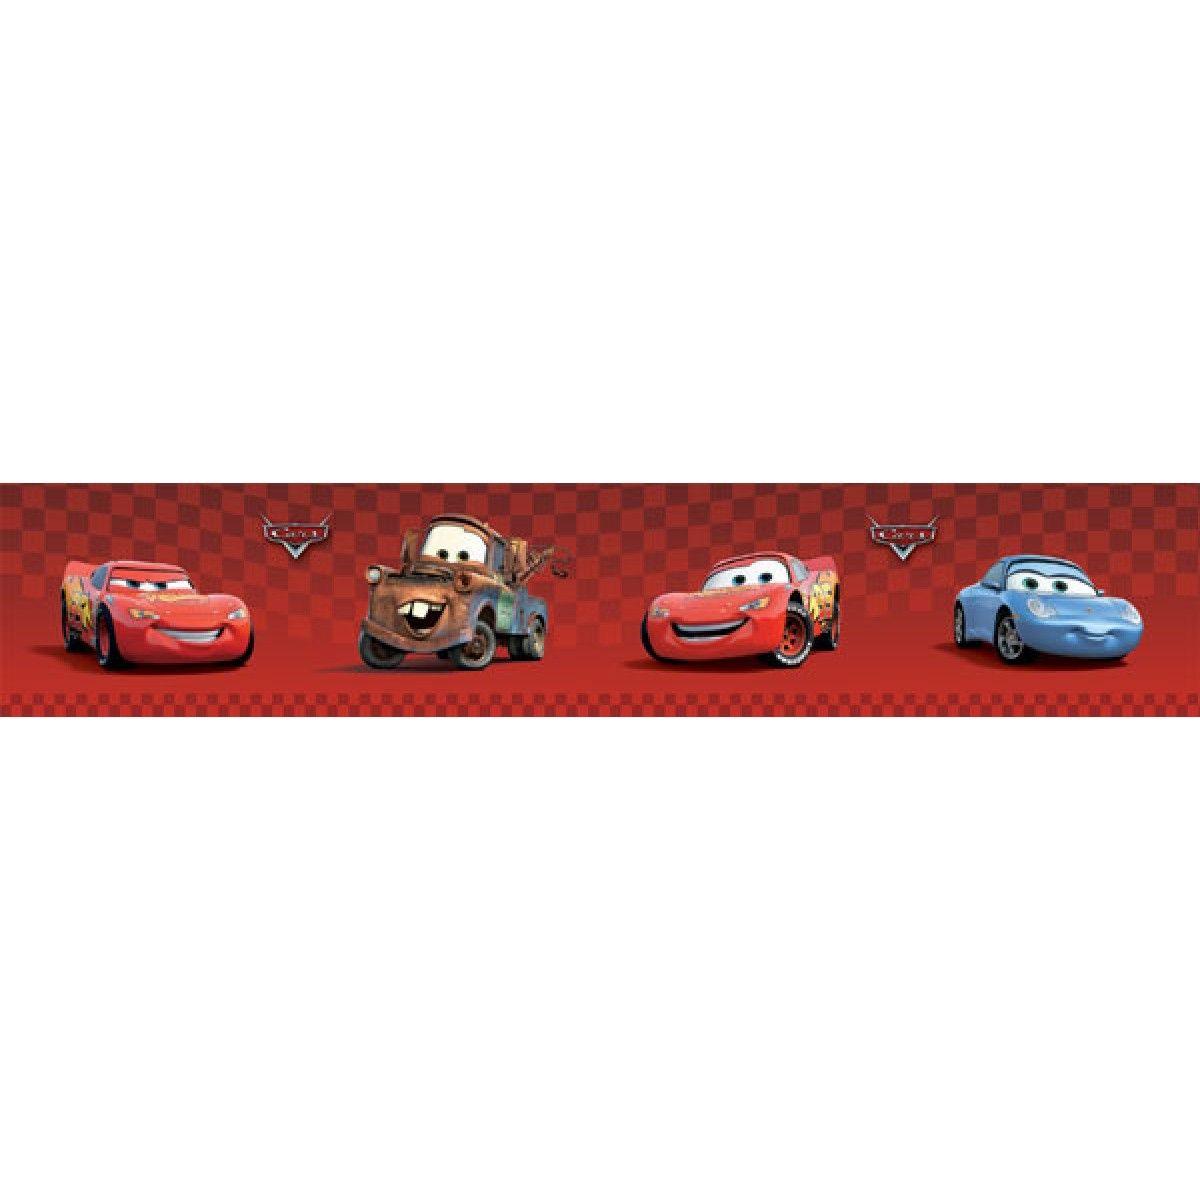 Disney Pixar Cars Wallpaper Border 4 Inch Red Self Adhesive